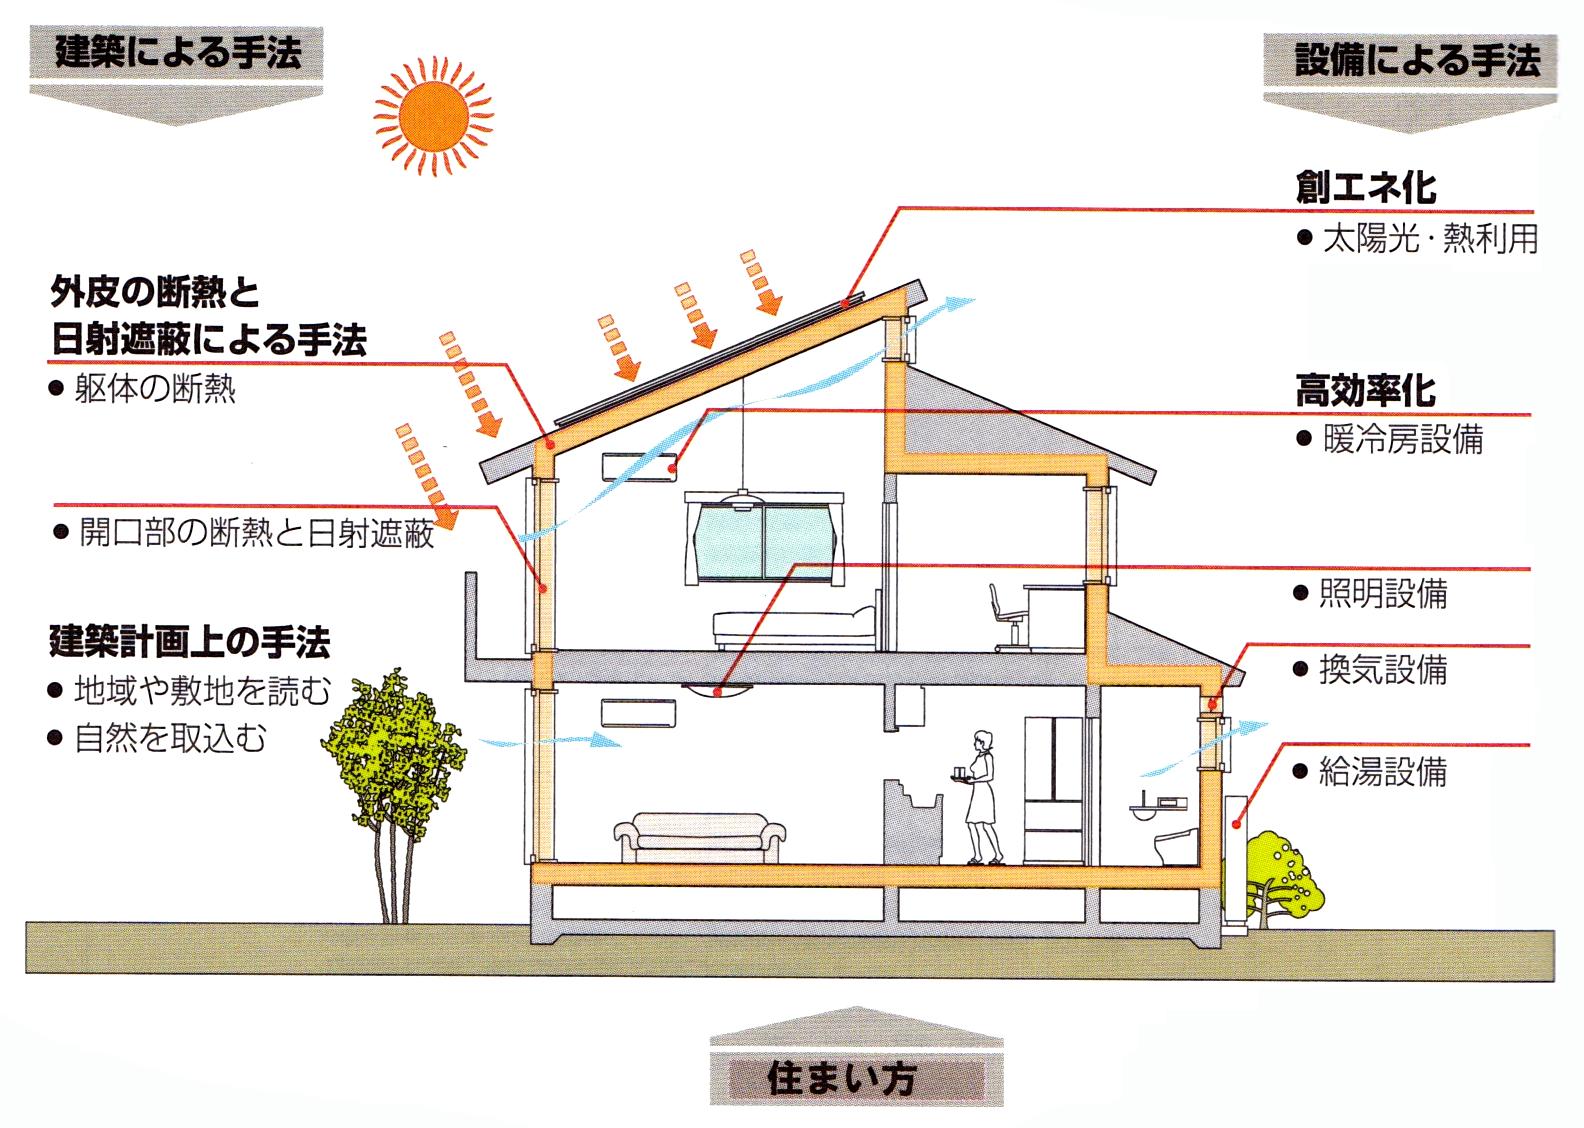 建築による手法と設備による手法をイラストで解説